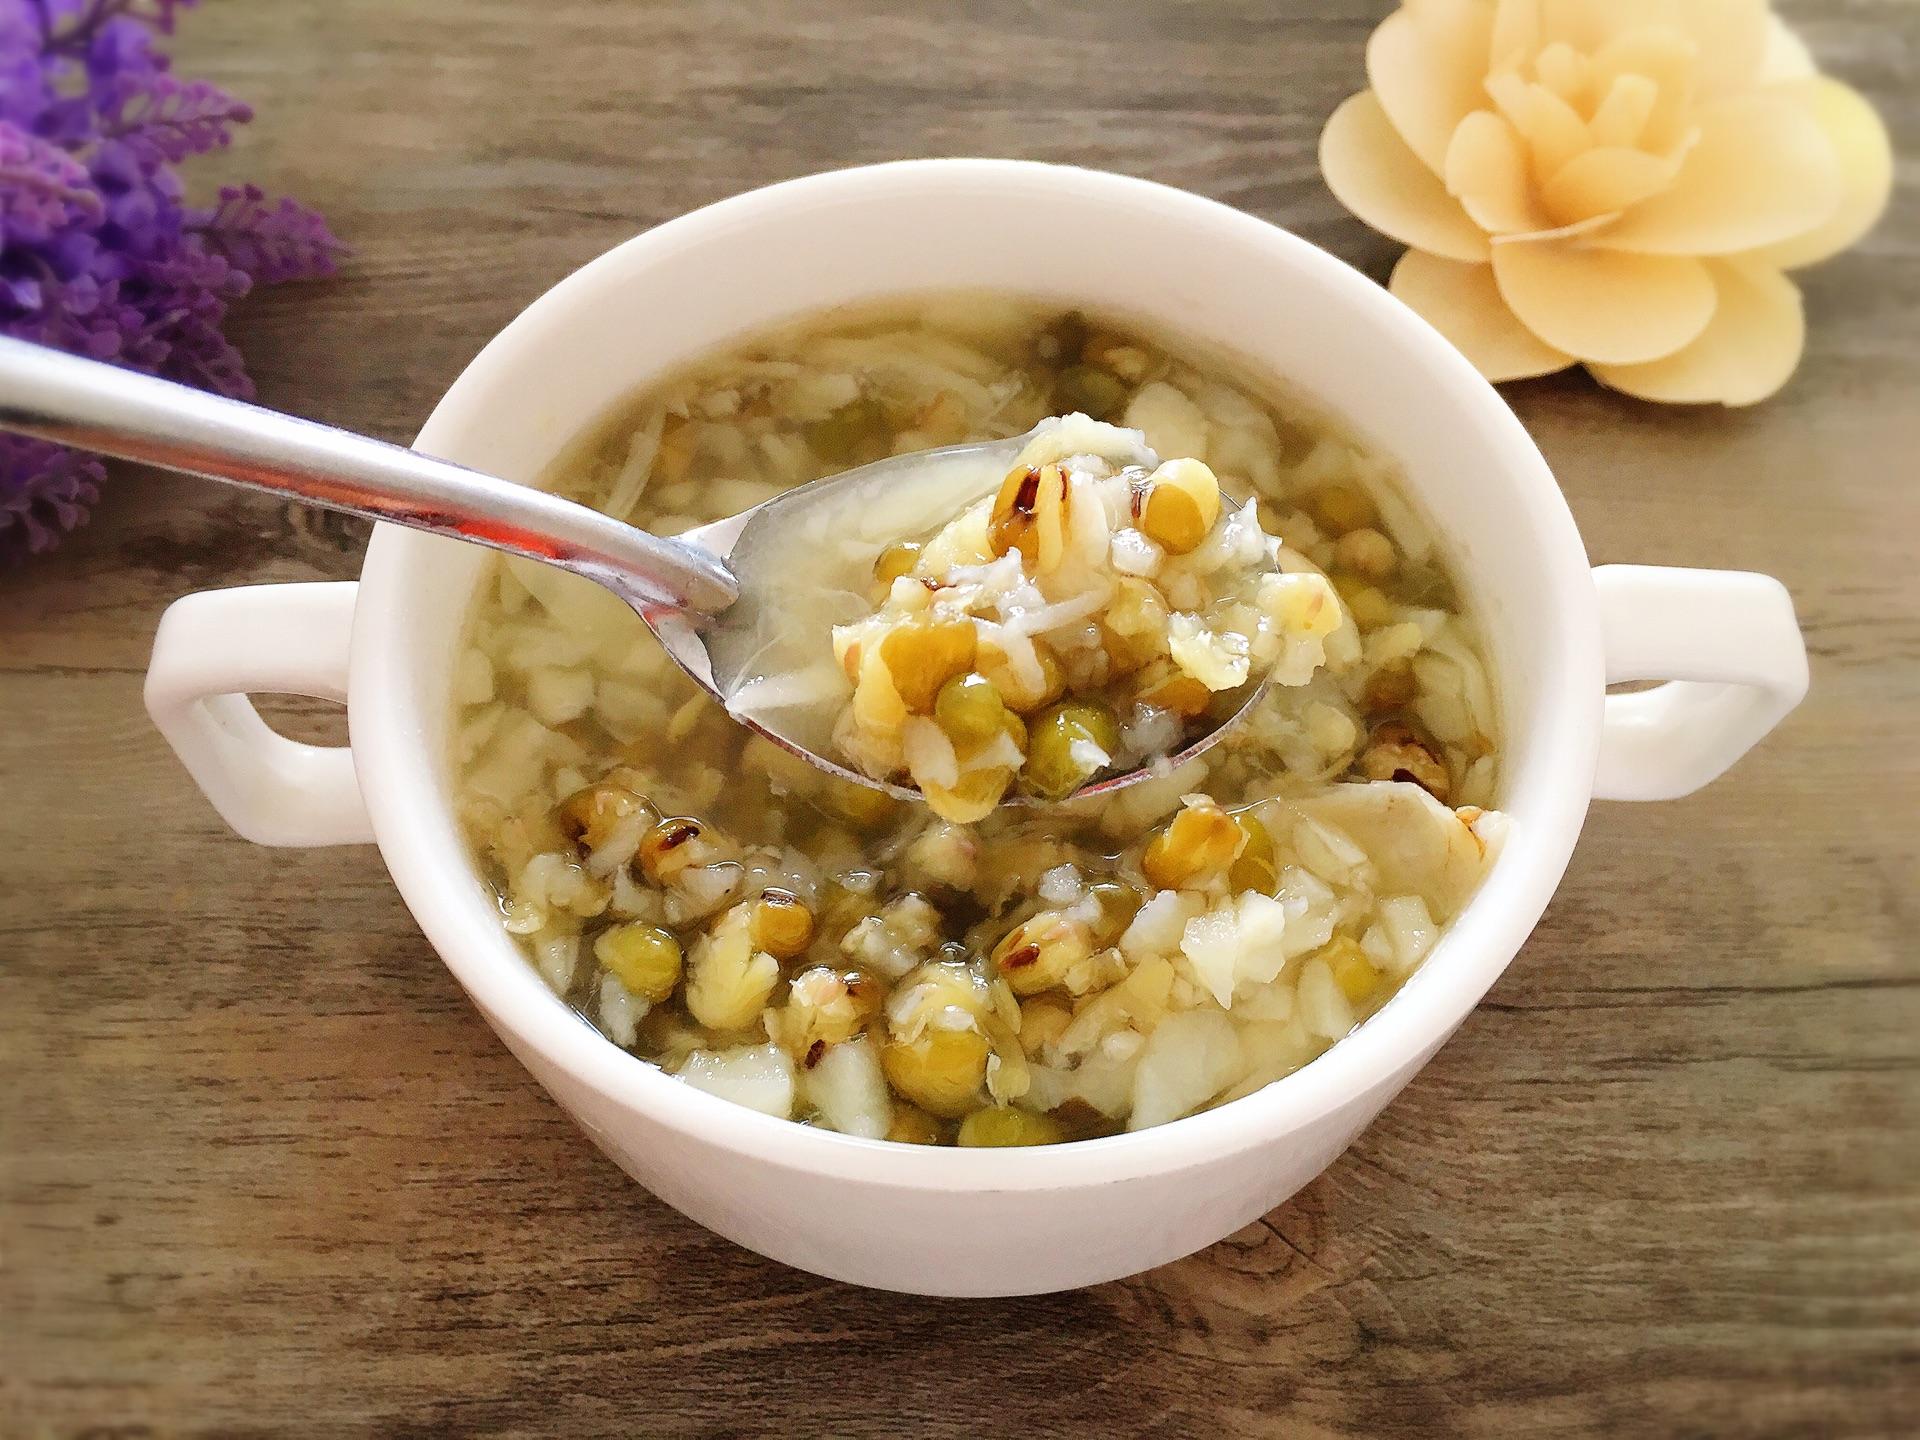 百合马蹄绿豆汤的做法步骤